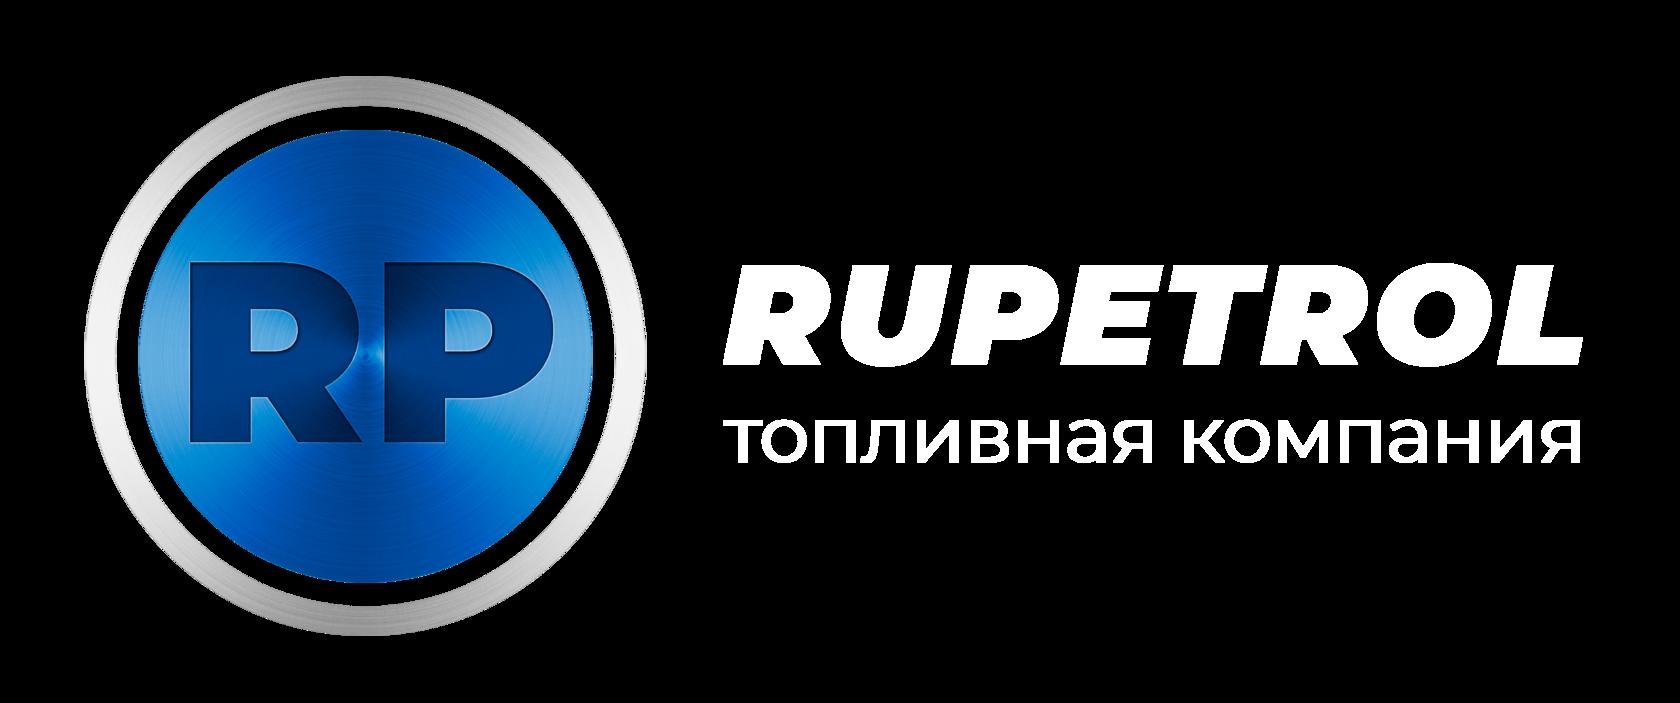 Rupetrol